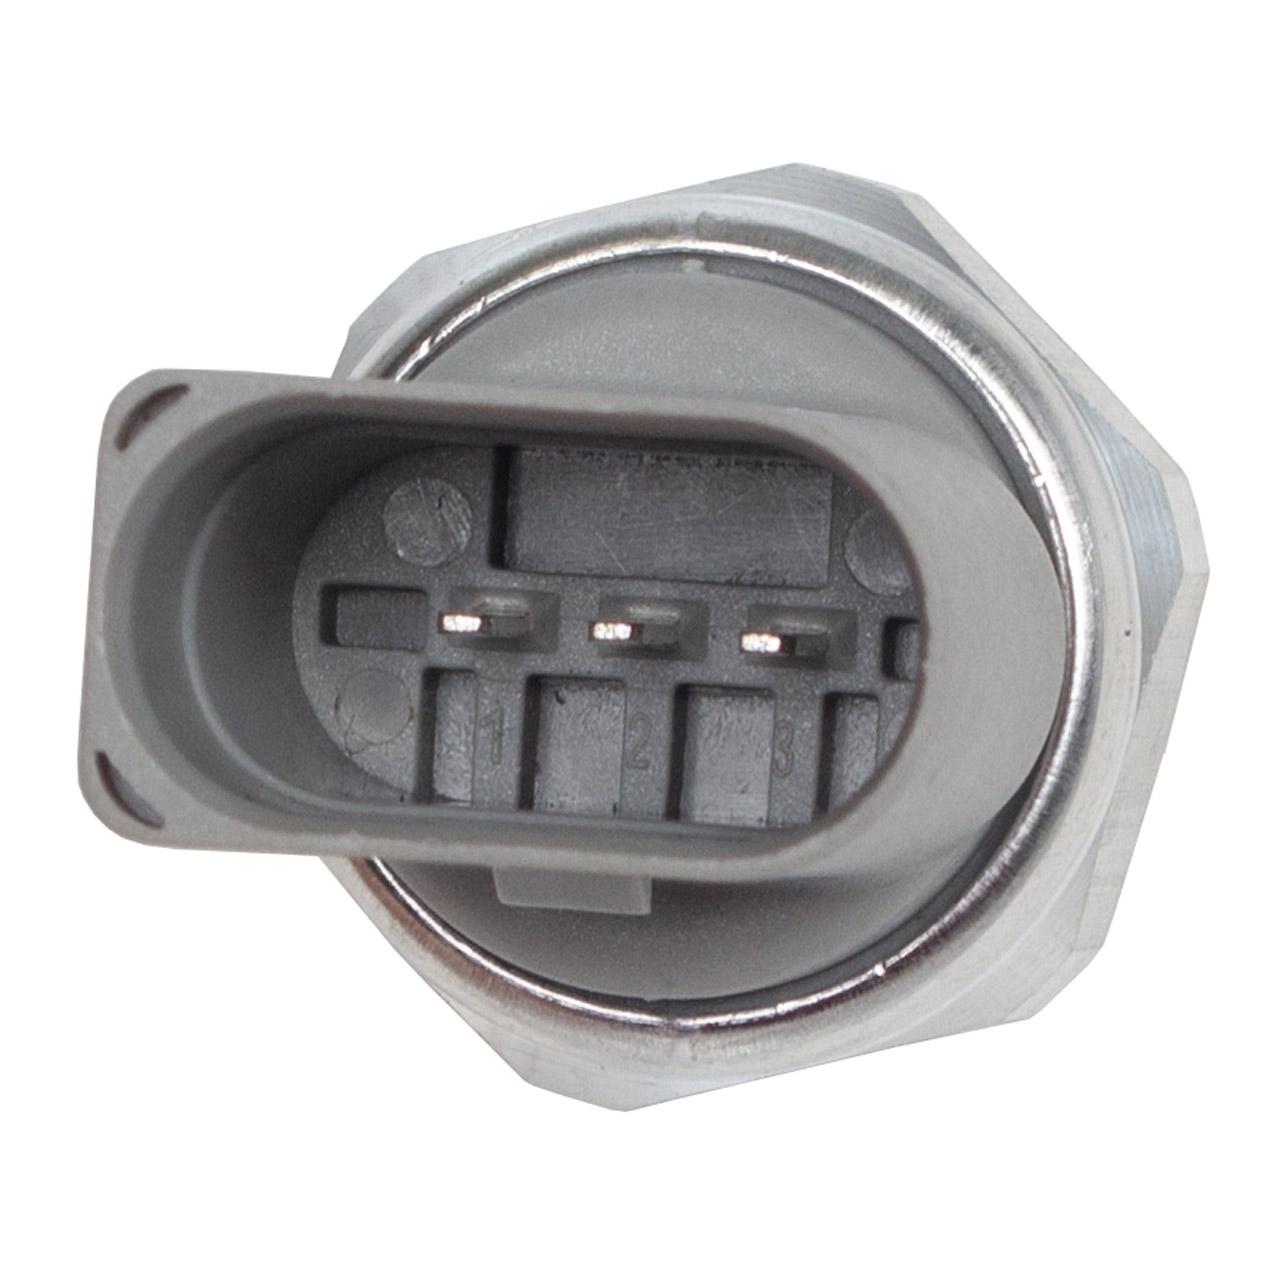 NRF 38954 Druckschalter Klimaanlage AUDI A2 A4 B6 B7 A6 C5 A8 4E8 SEAT Exeo 3R0959126